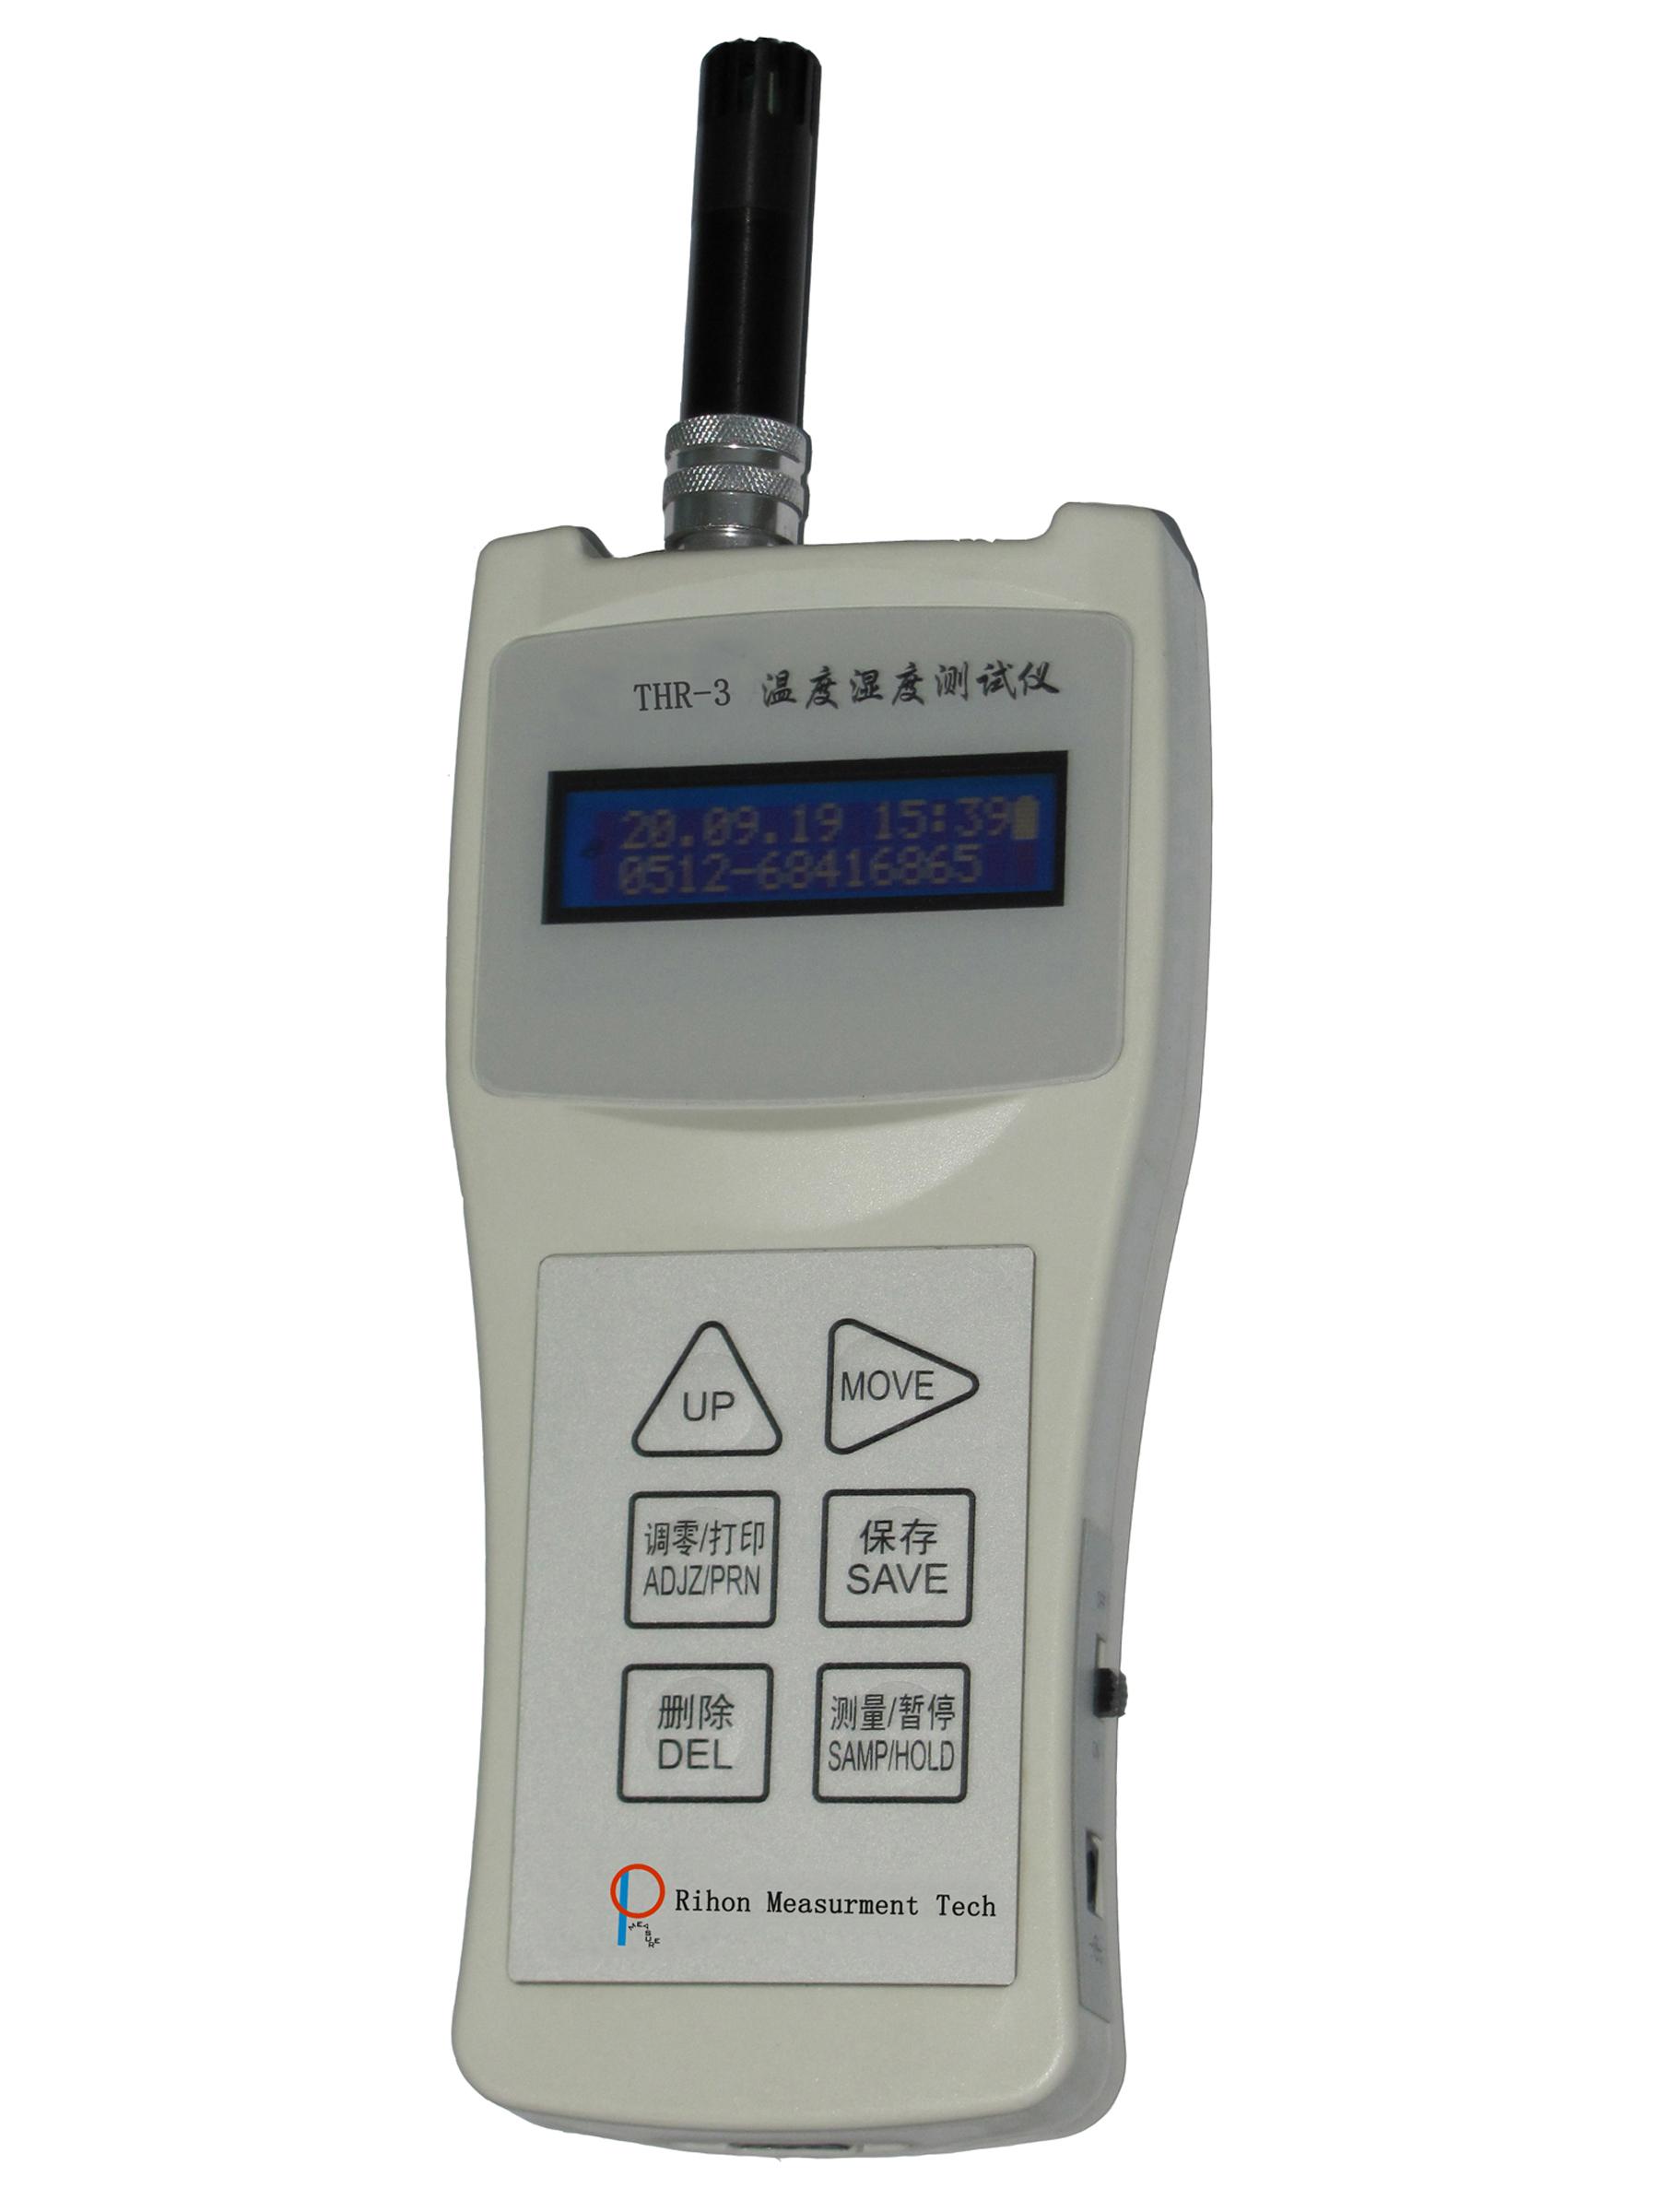 THR-3型手持式温湿度仪